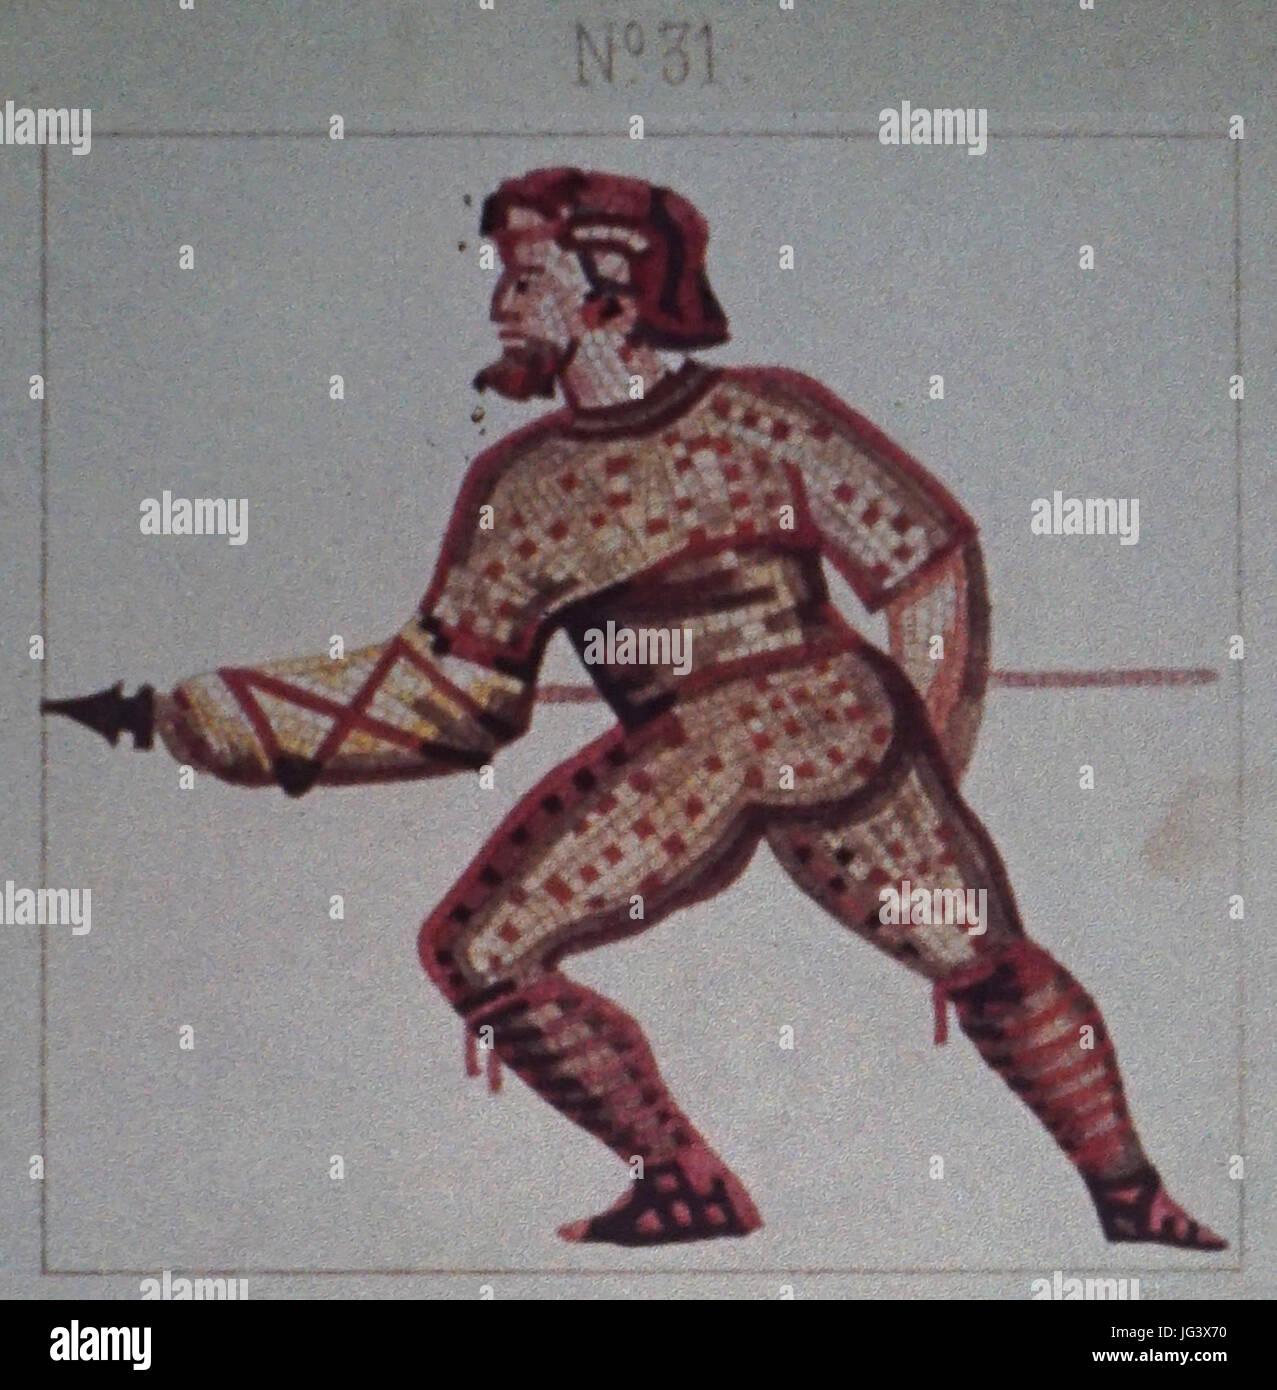 Mosaique N°31 jeux du cirque des promenades - Stock Image